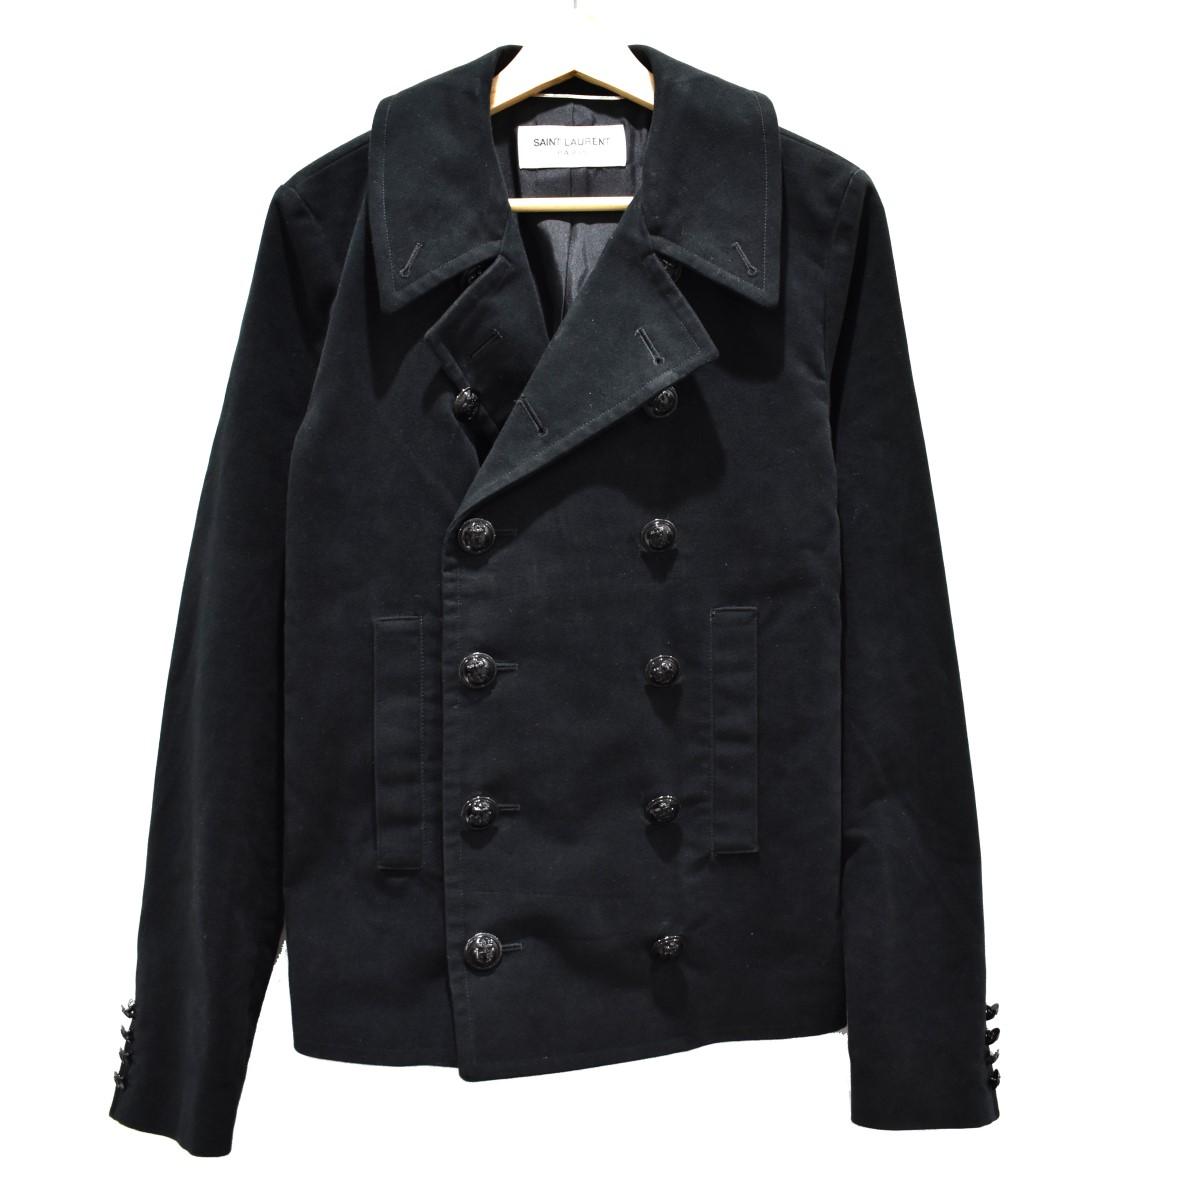 【中古】SAINT LAURENT PARIS 13AW モールスキンPコート ブラック サイズ:44 【130520】(サンローランパリ)